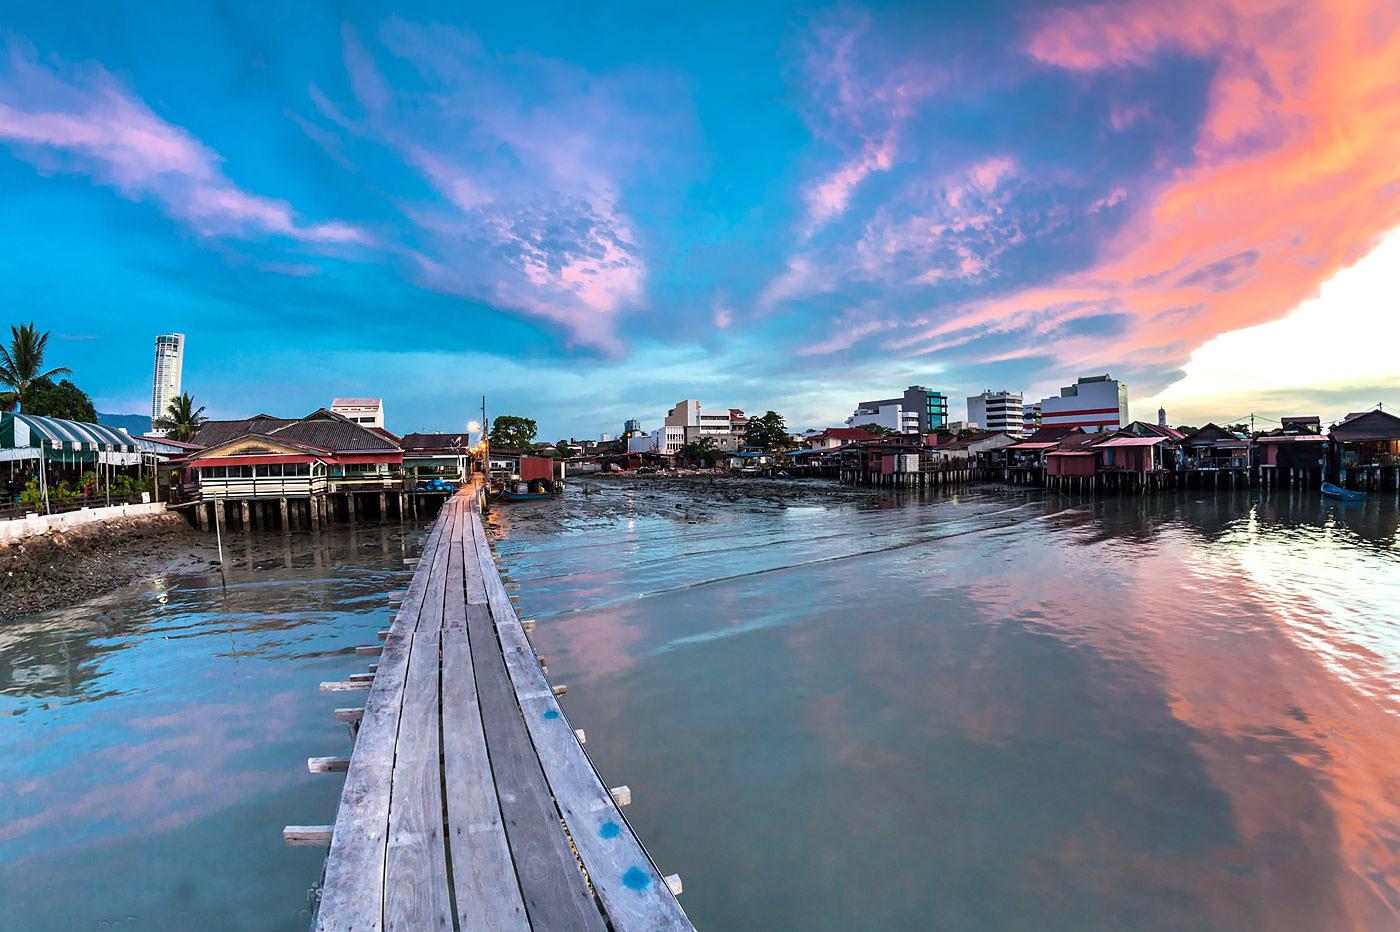 槟城姓氏家族码头